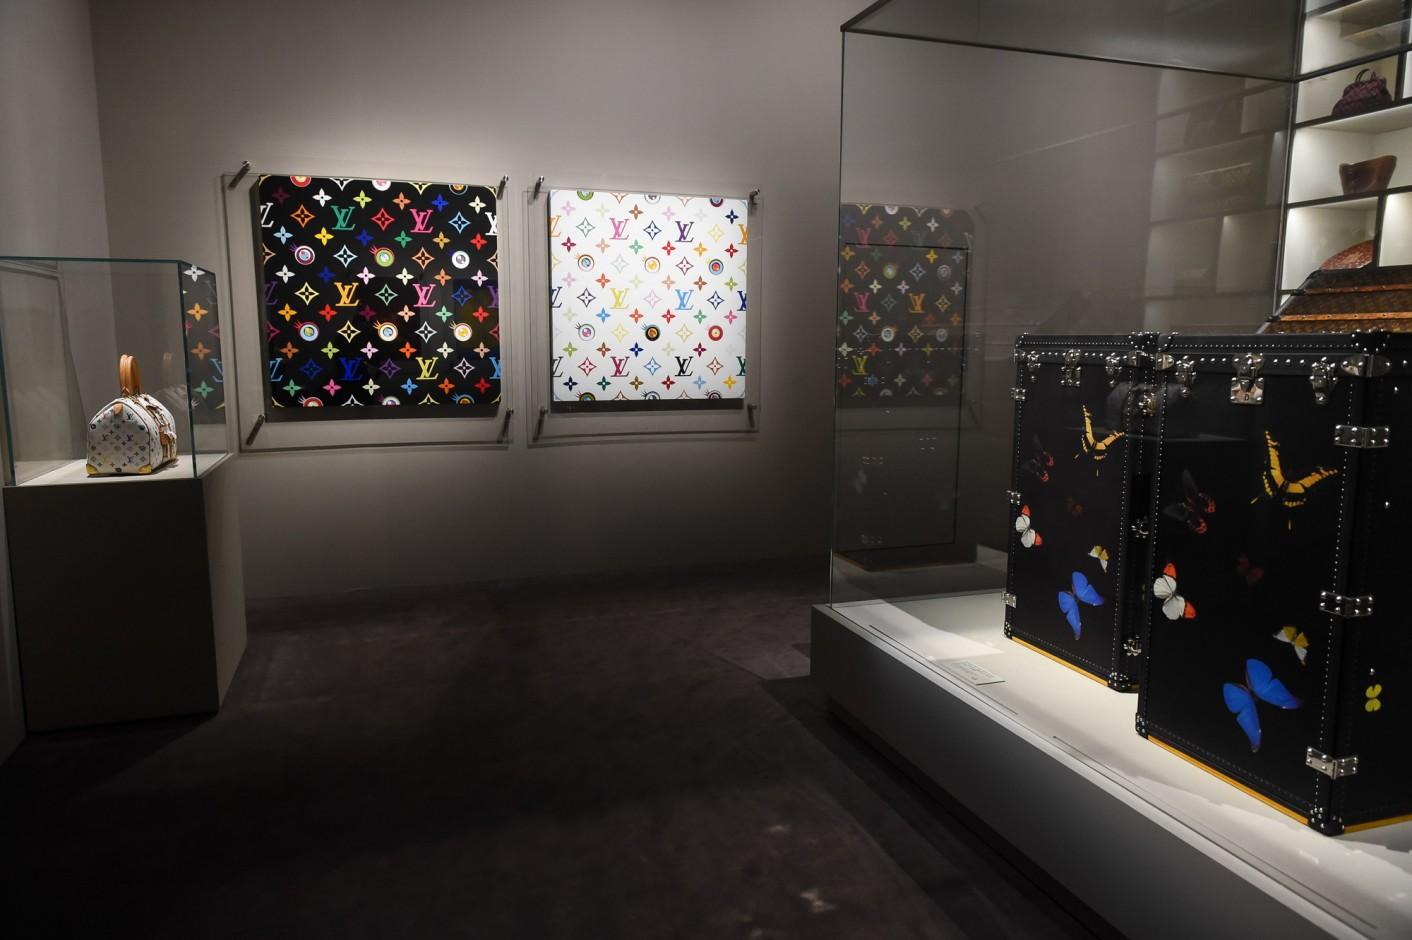 louis-vuitton-volez-voguez-voyagez-exhibition-new-york-10